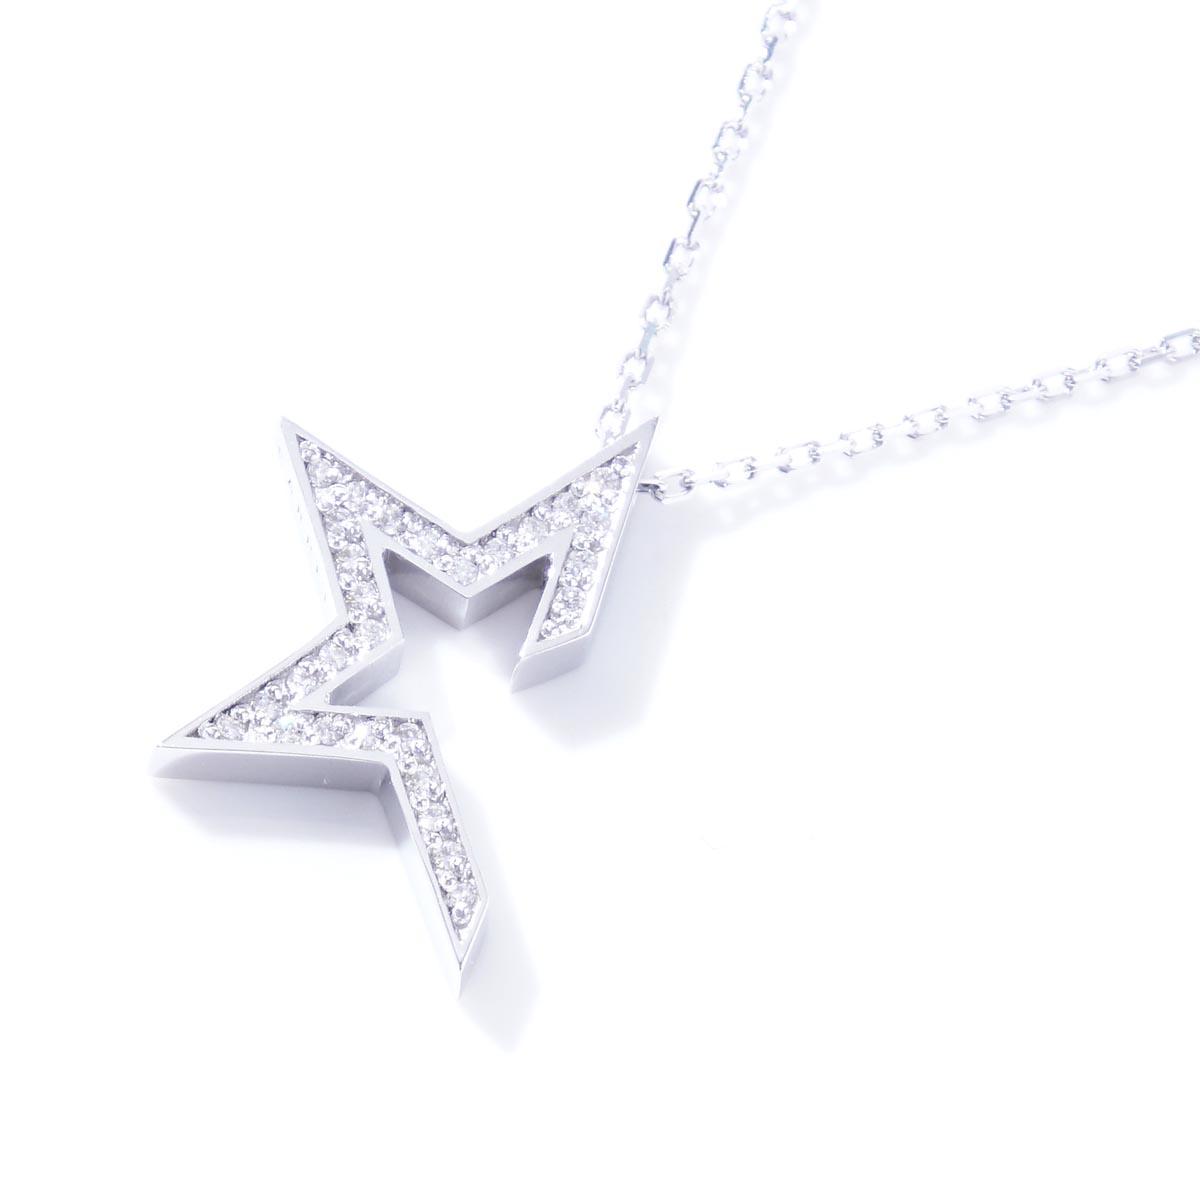 ガーデル GARDEL ネックレス STAR TOW ME COLLECTION SILVER シルバー系 gdp134 sv cz メンズ&レディース【返品交換不可】